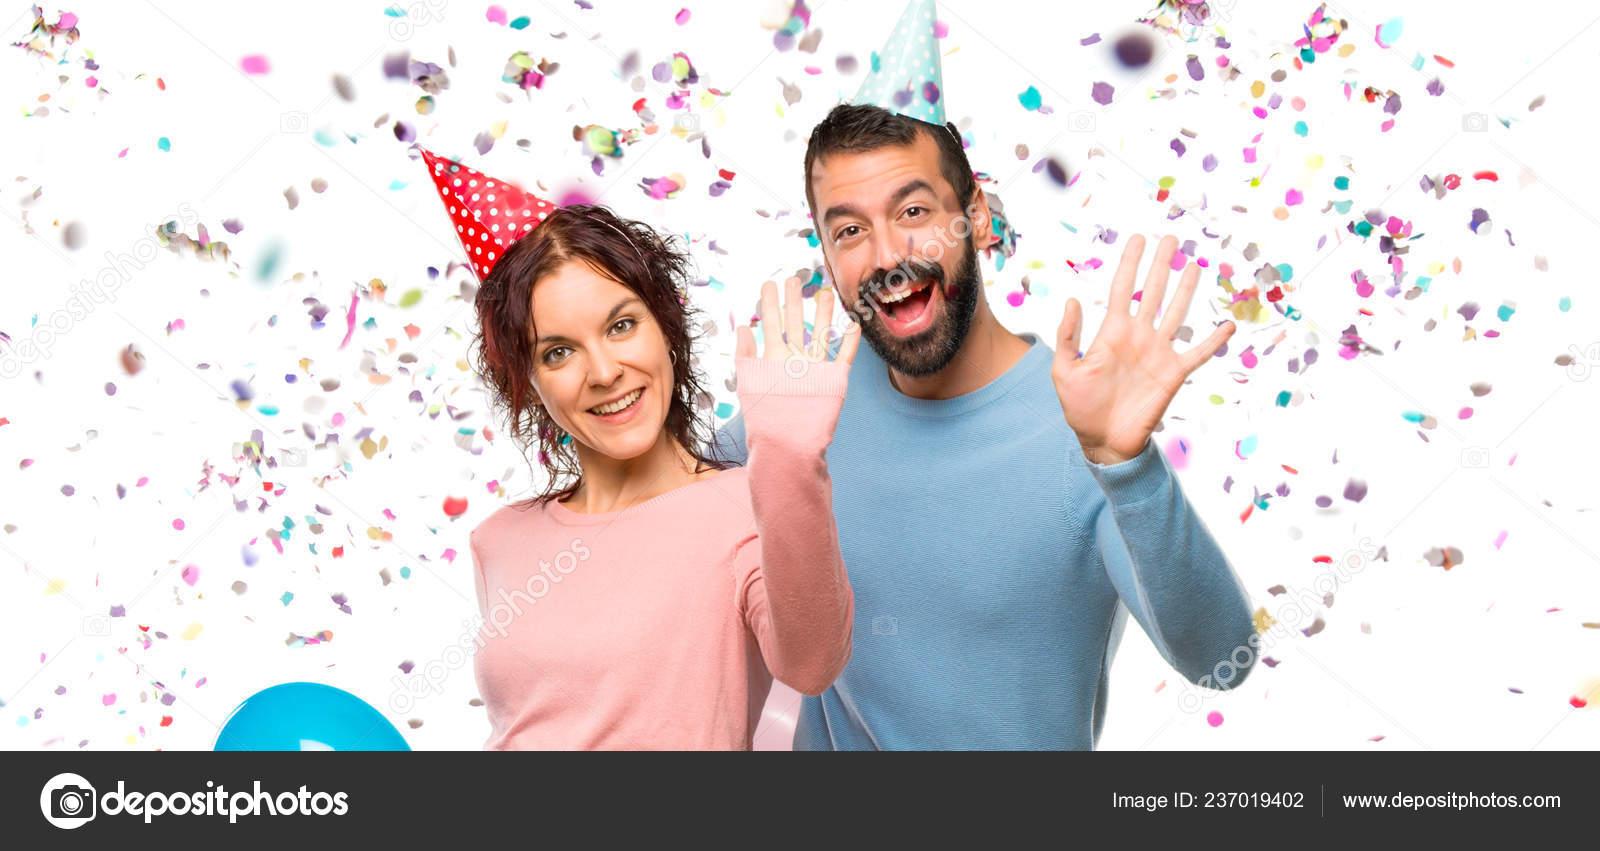 Pareja Con Globos Sombreros Cumpleaños Saludando Con Mano Con Expresión —  Fotos de Stock 5dd438728ad